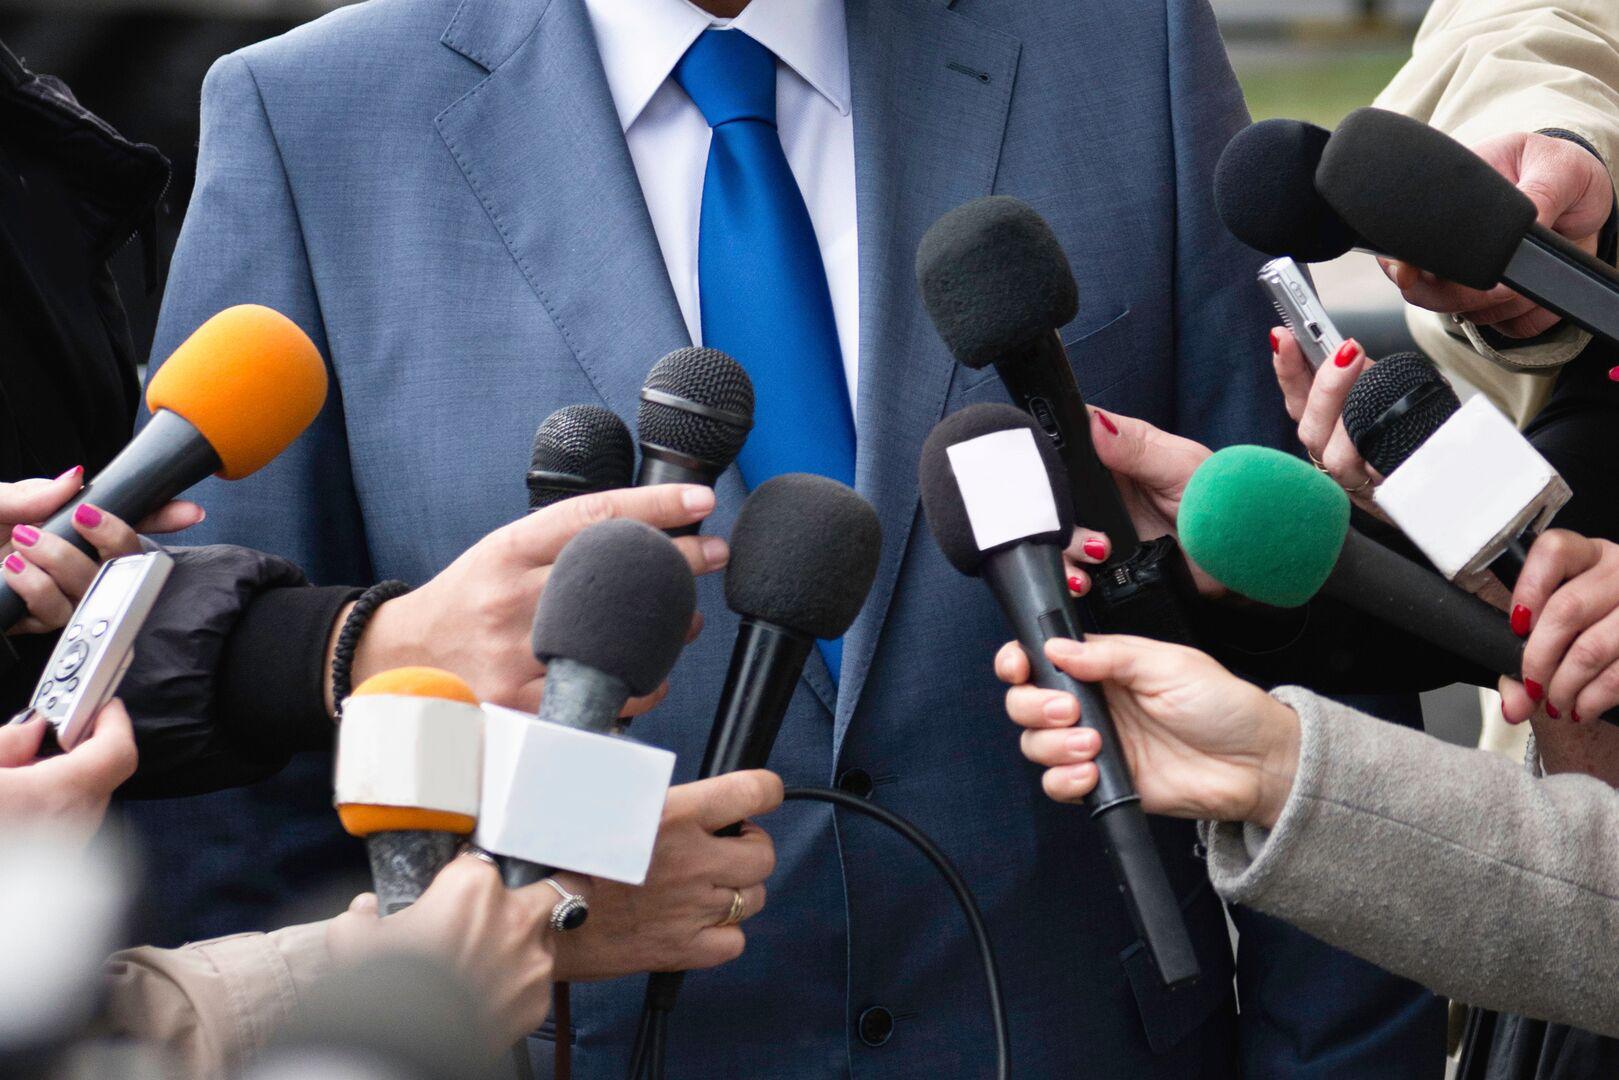 Media   Associação dos Jornalistas de Macau apela ao respeito pela profissão